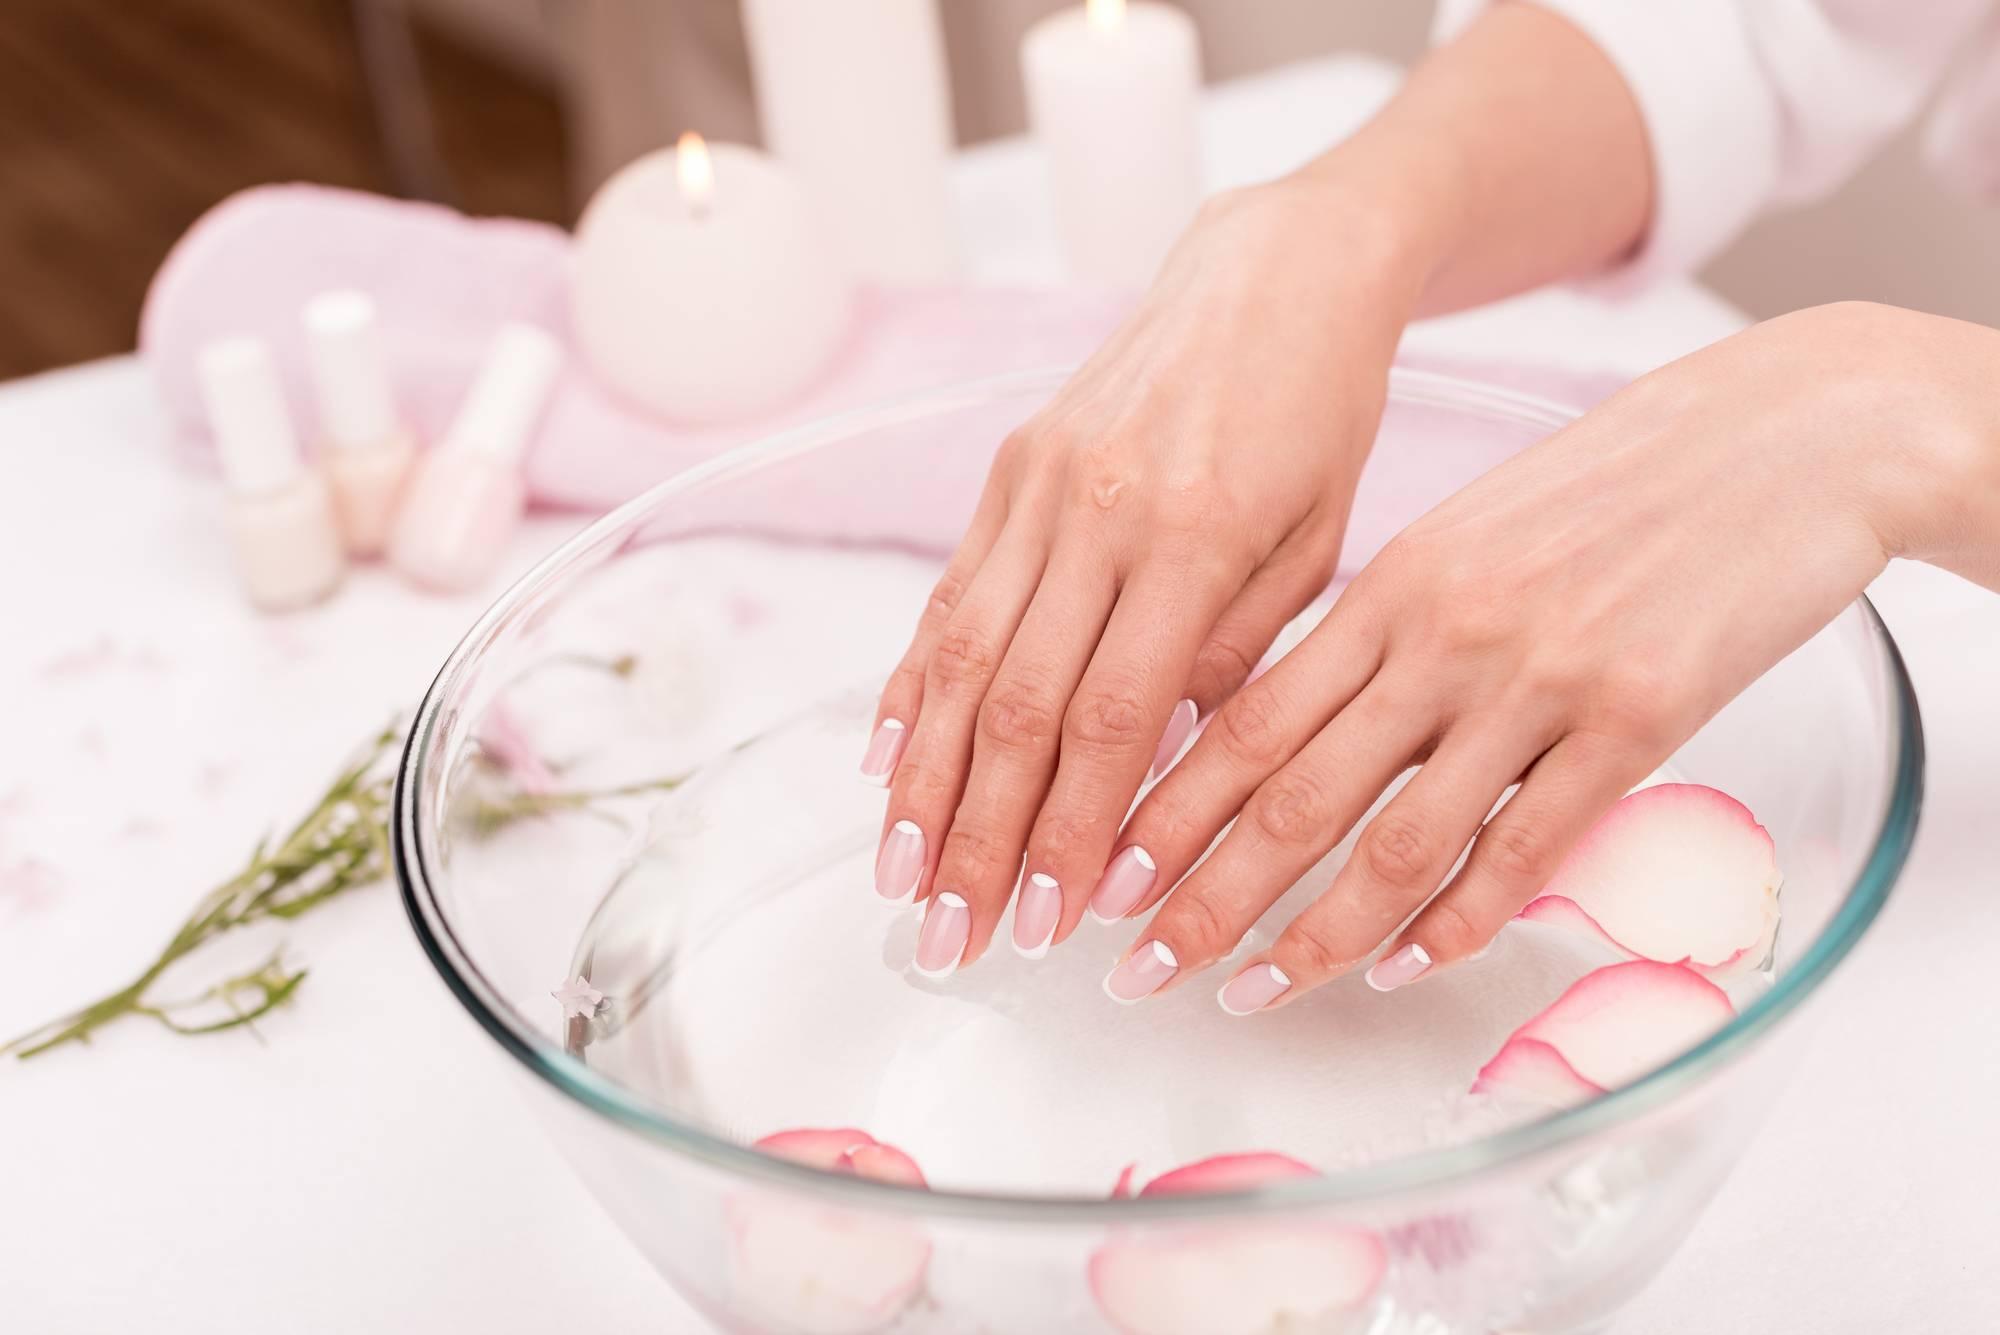 Эфирные масла для рук и ногтей: свойства, особенности применения, в том числе от грибка, отзывы